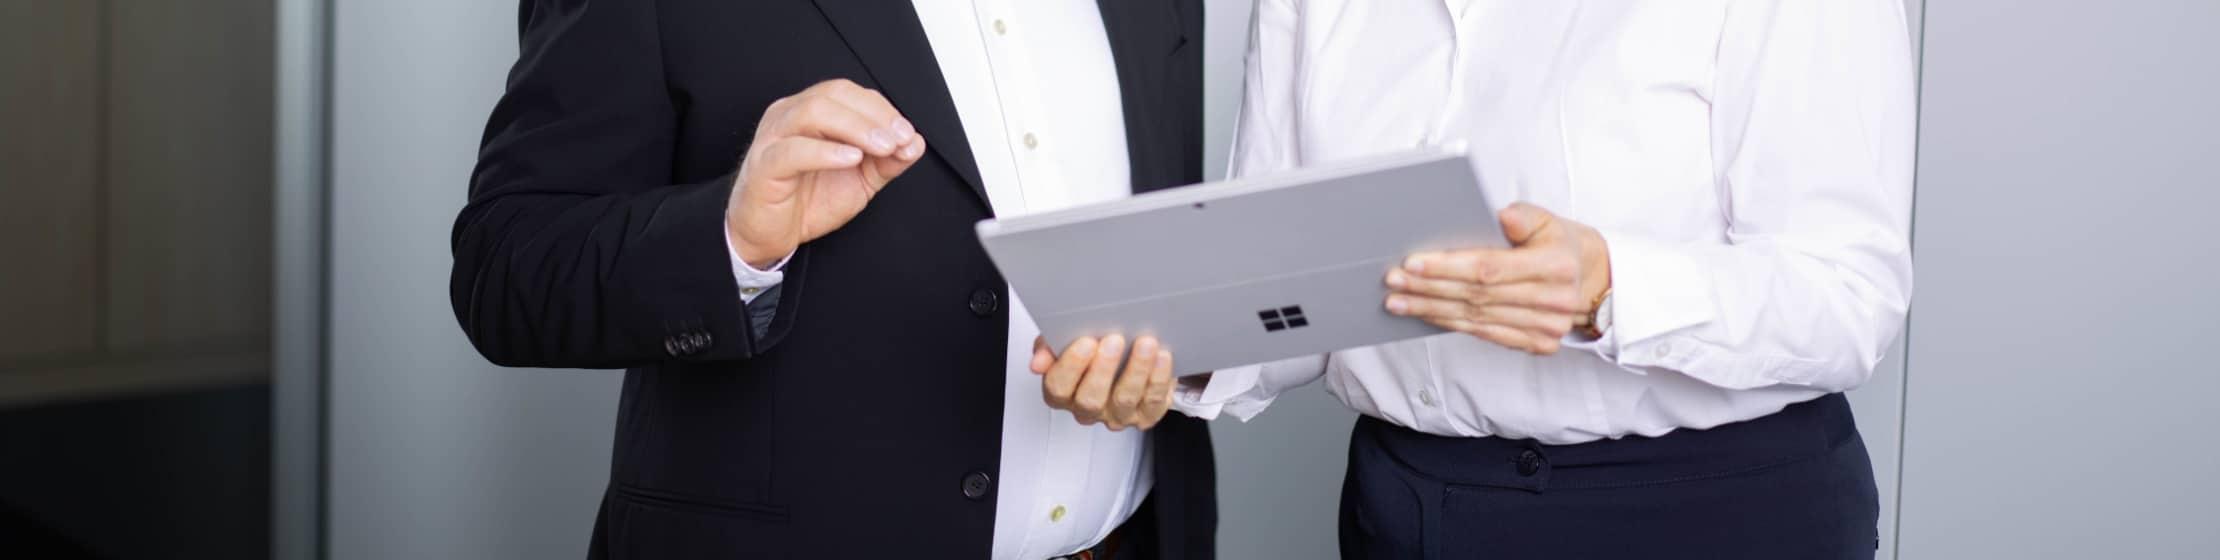 Modernes Arbeiten im digital Workplace